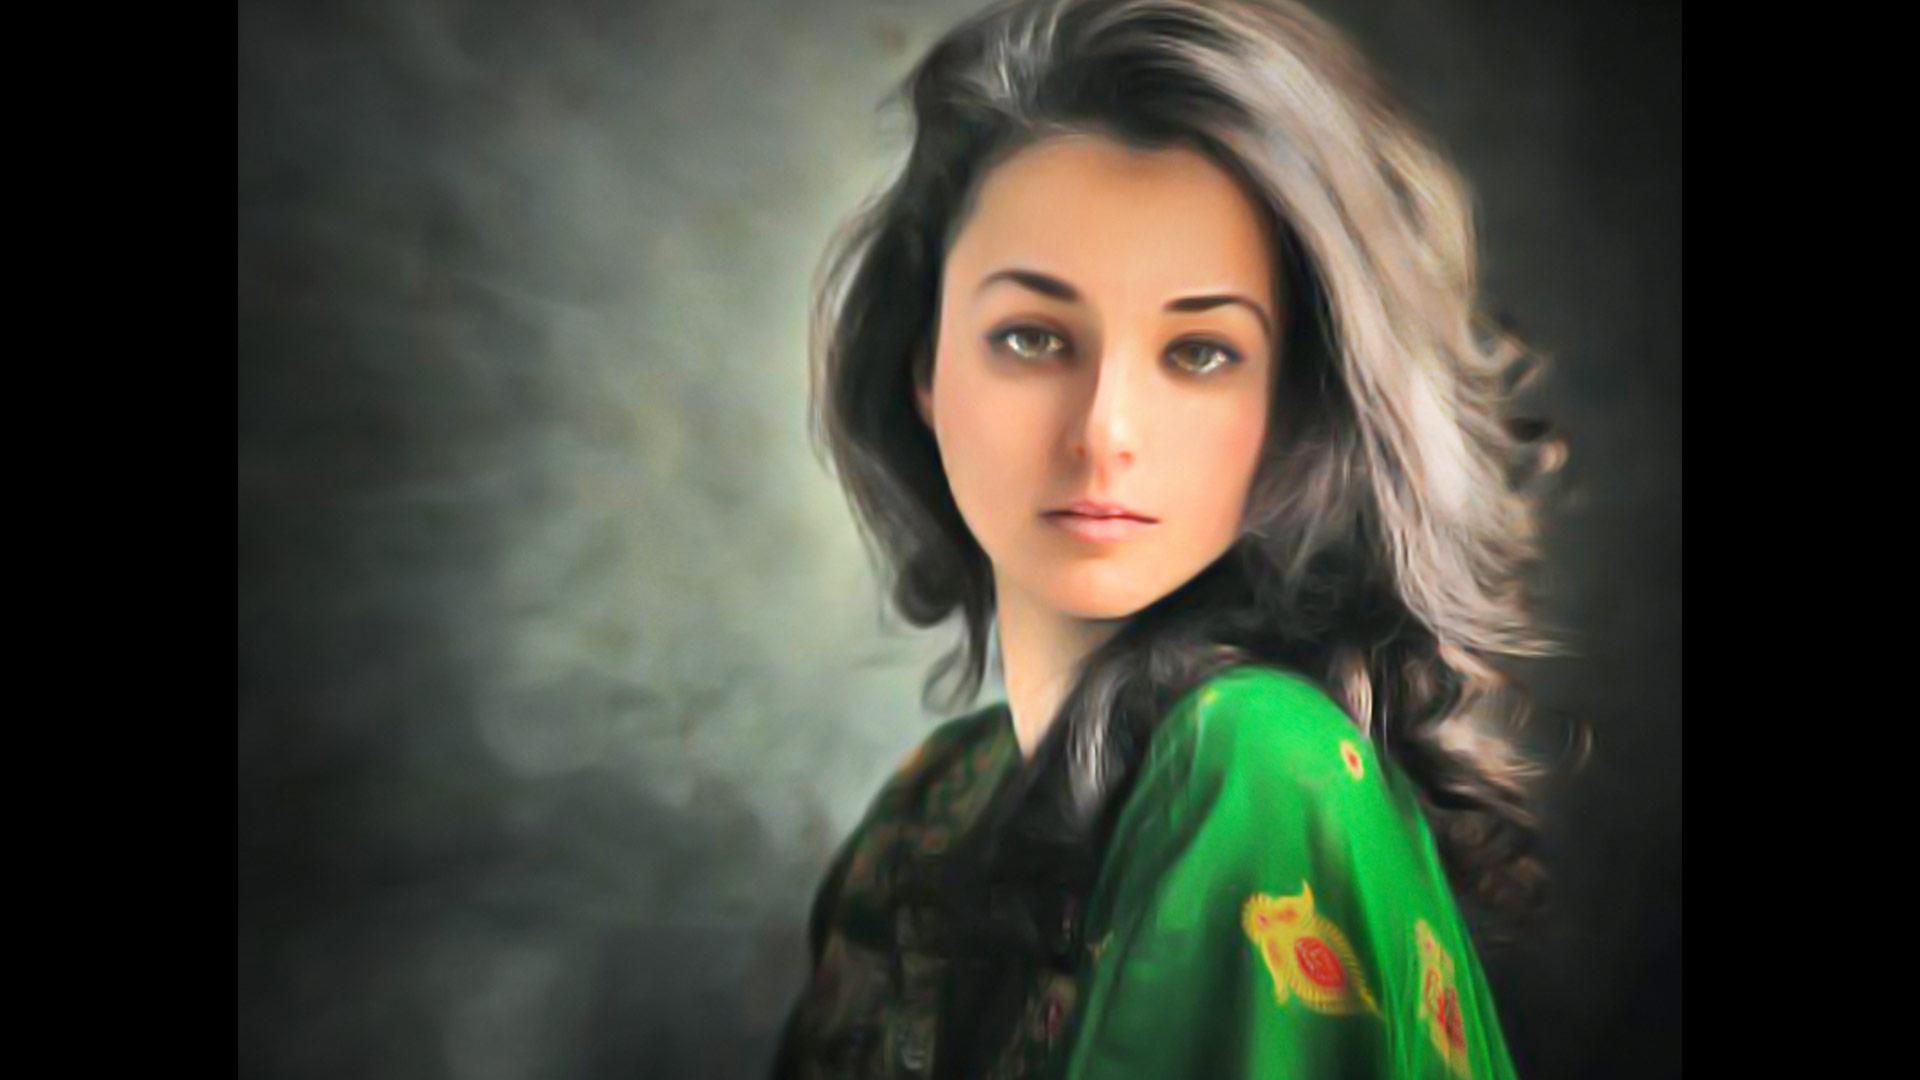 Natalia Sitek